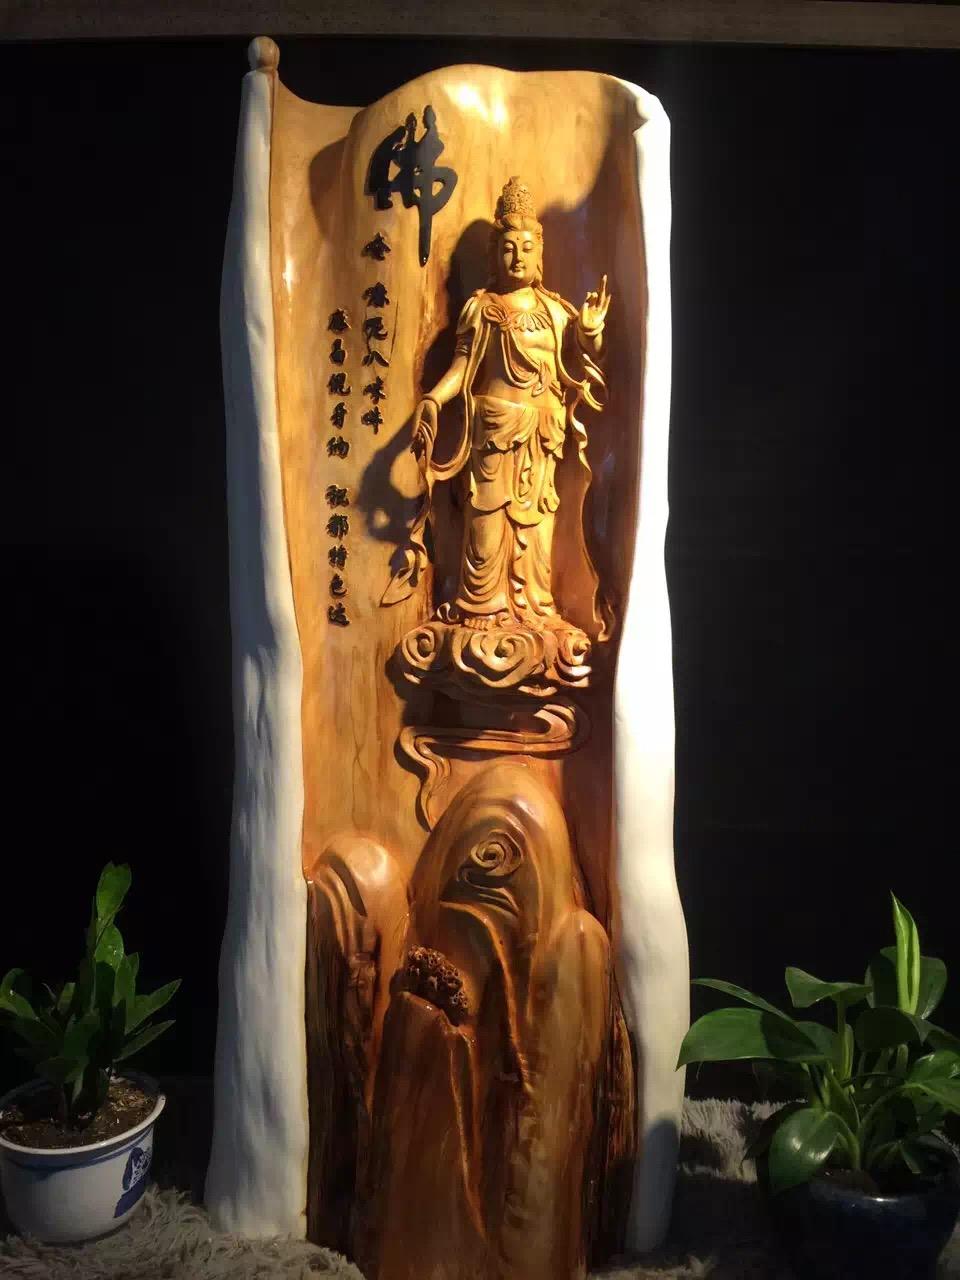 崖柏山水根雕自在佛经观音工艺礼品家居摆件木雕招财风水开业贺礼